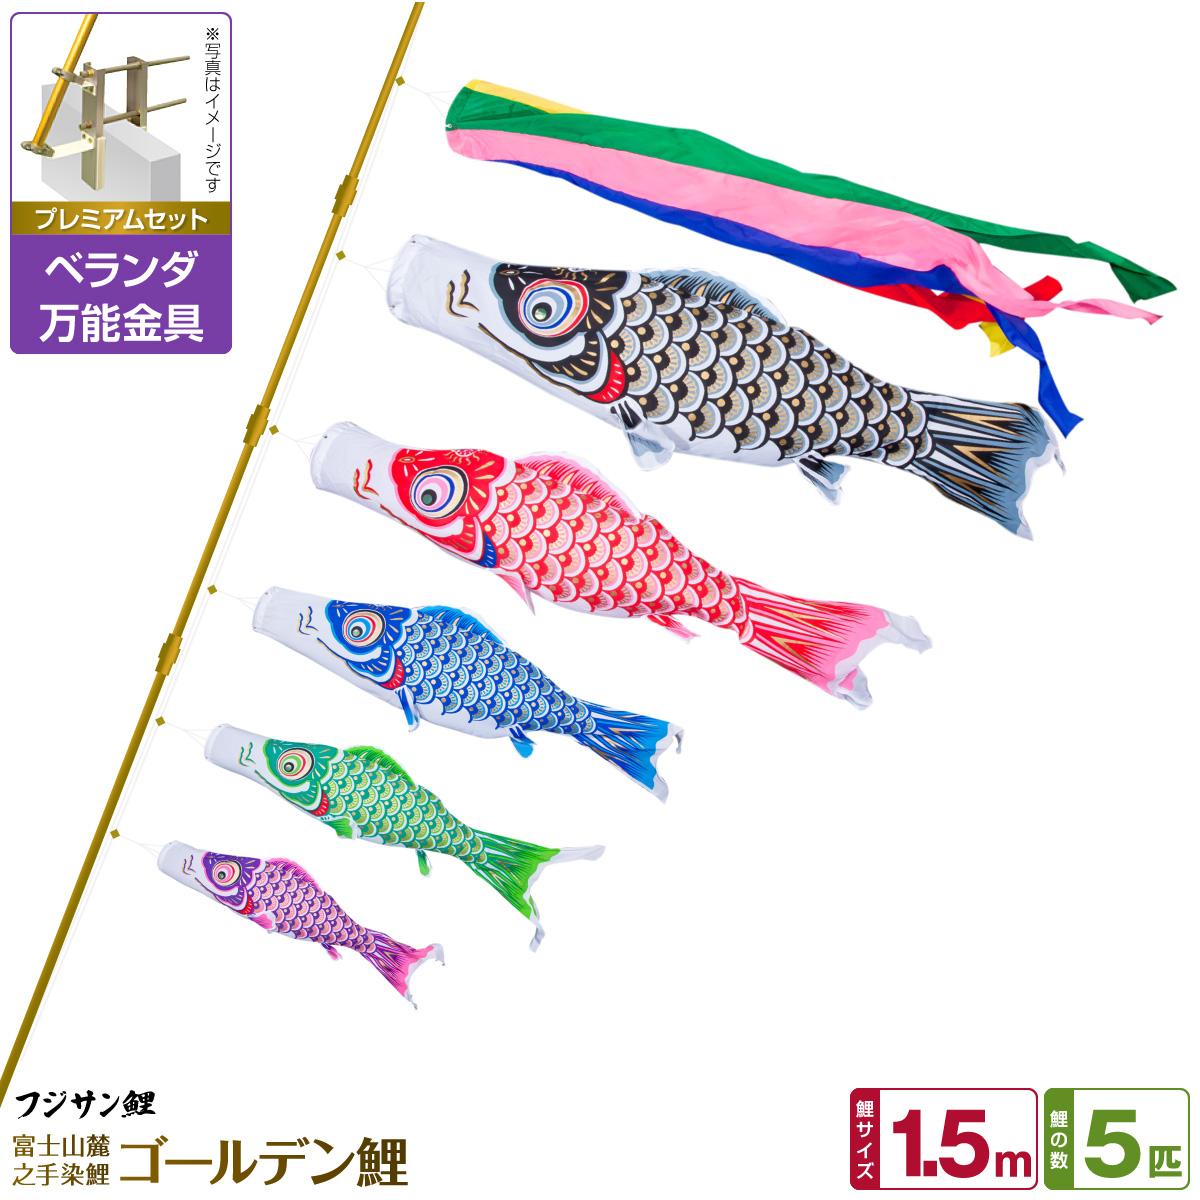 ベランダ用 こいのぼり 鯉のぼり フジサン鯉 ゴールデン鯉 1.5m 8点(吹流し+鯉5匹+矢車+ロープ)/プレミアムセット(万能取付金具)